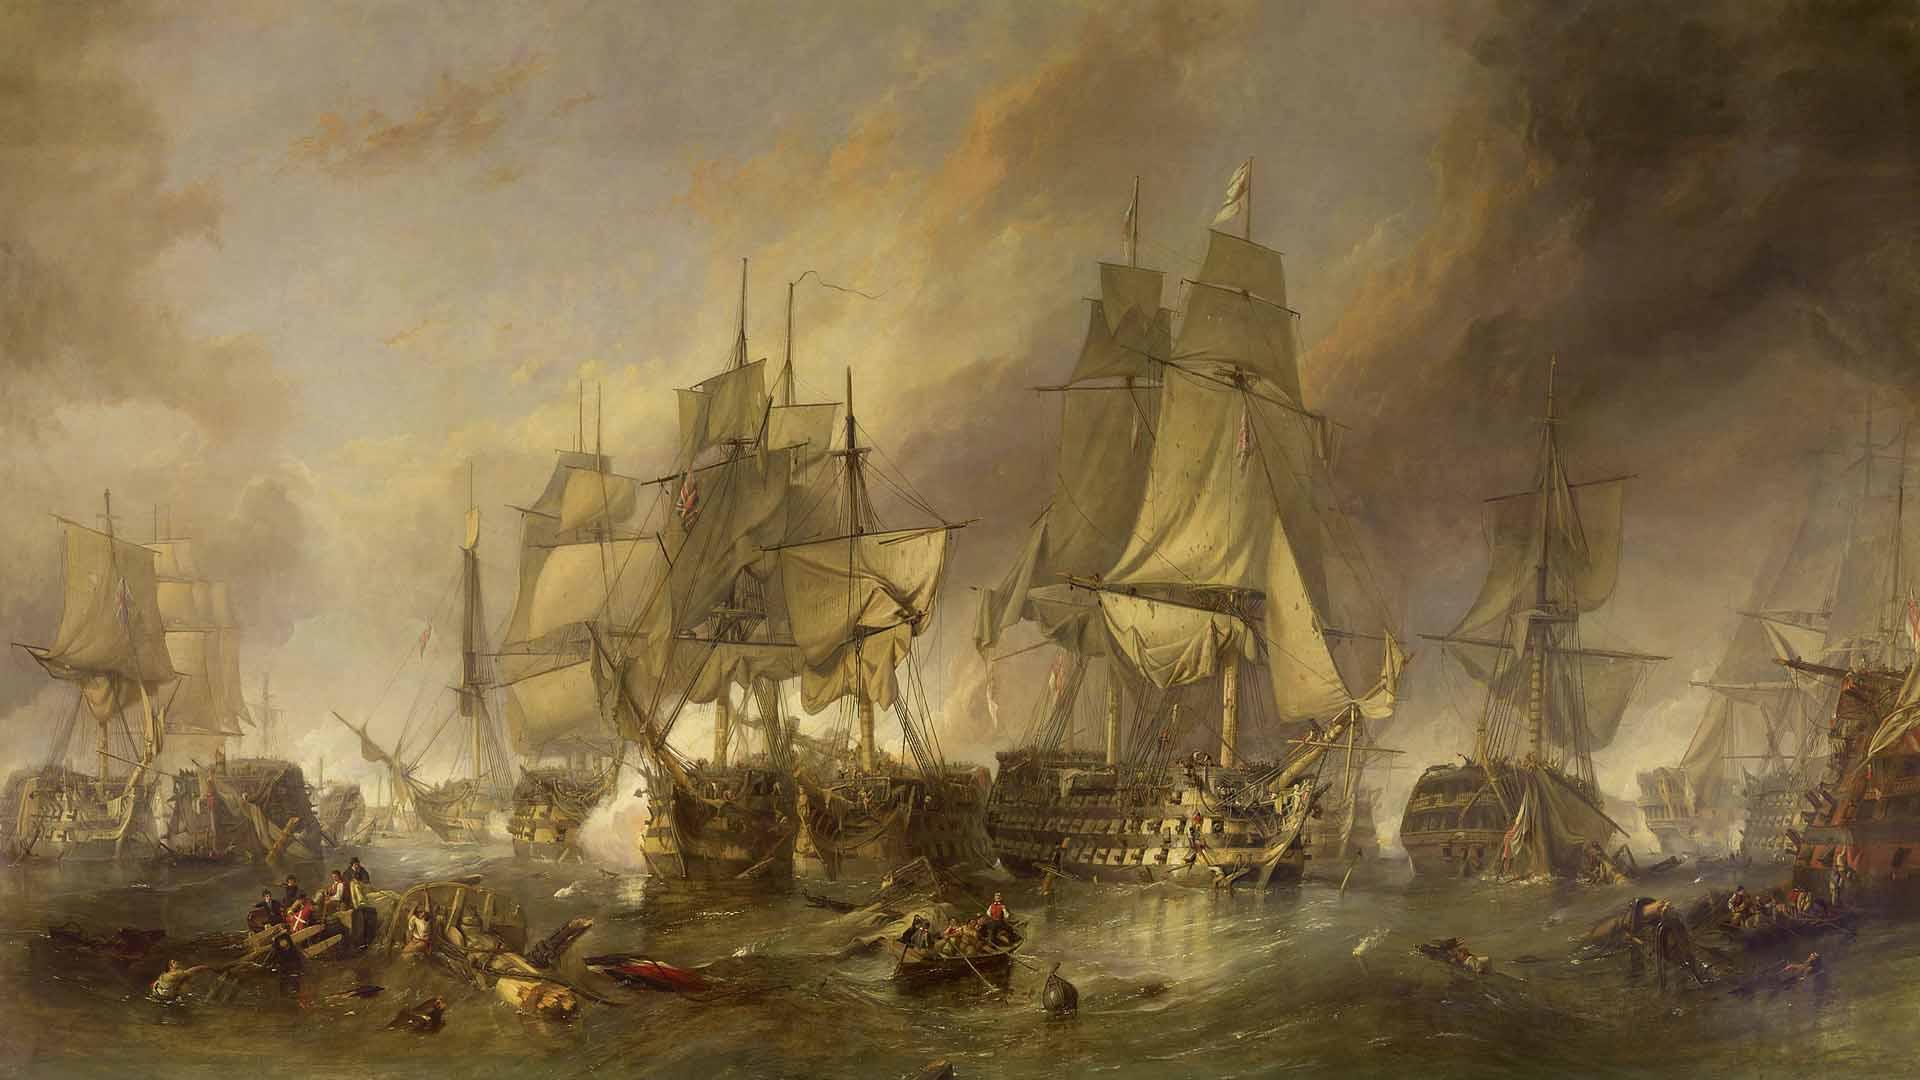 La Battaglia di Trafalgar (1805)